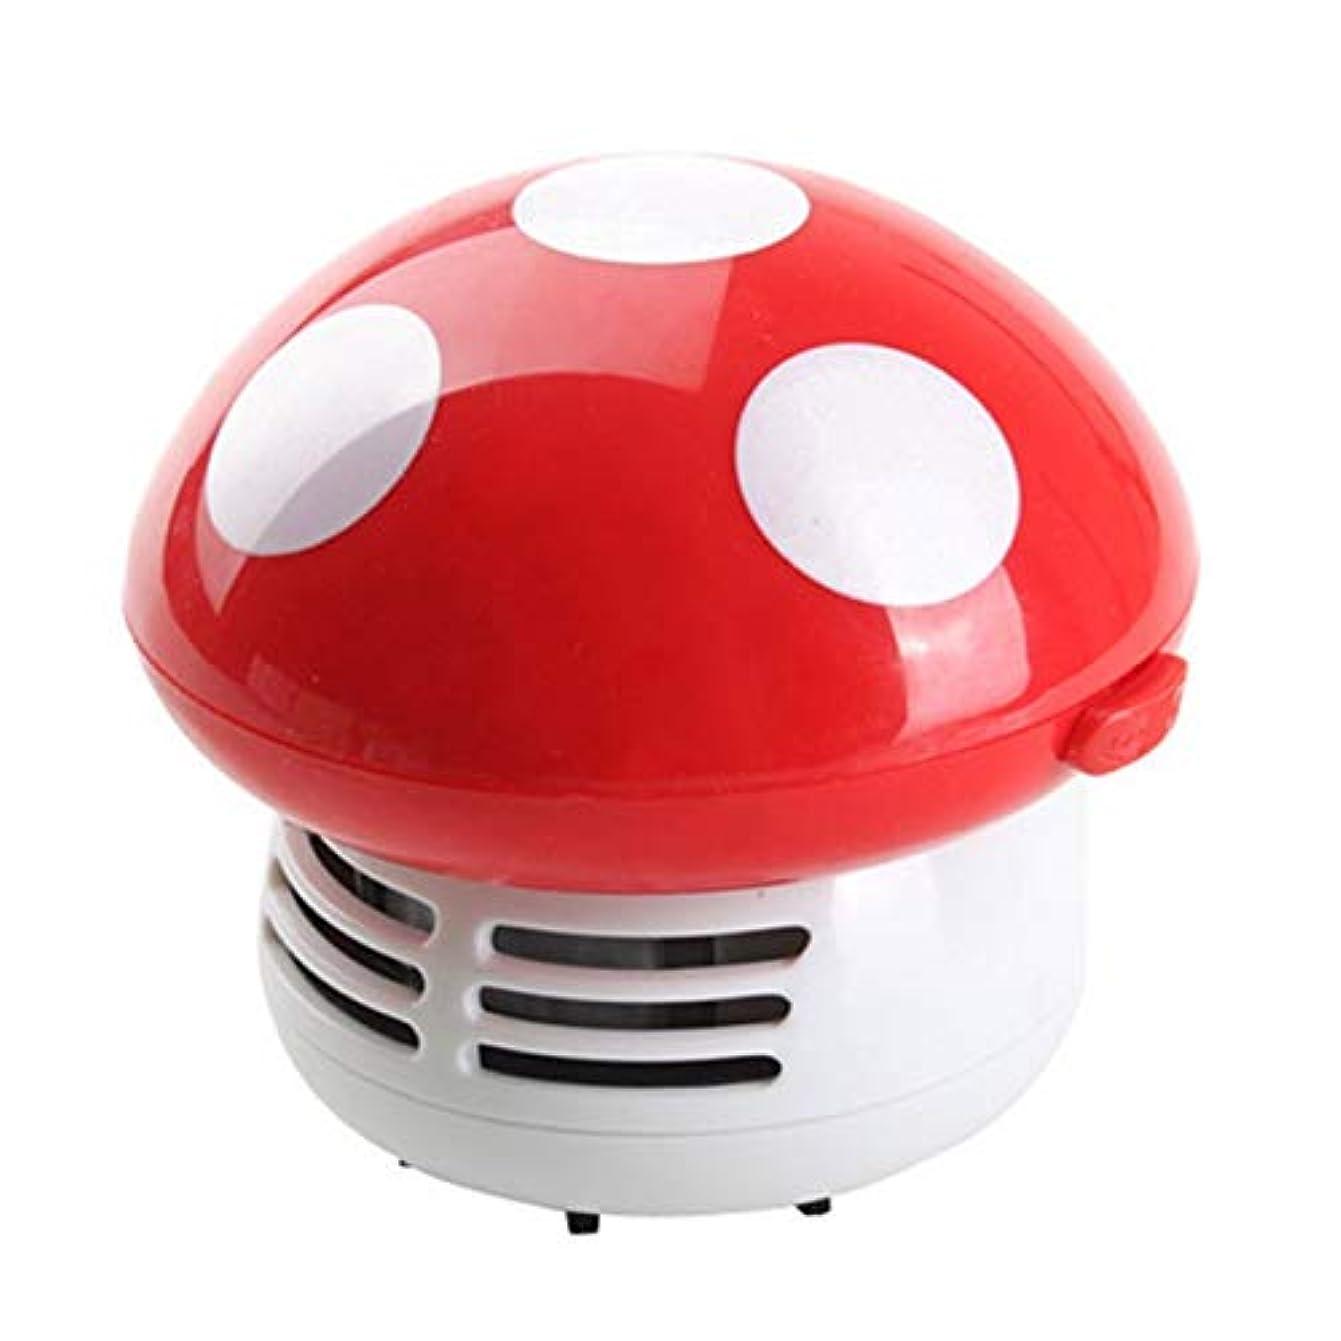 出くわす付添人脅かすSaikogoods ミニ きのこ デスククリーナー 掃除機 カー家庭用コンピュータのためのかわいい コーナーデスクテーブルクリーナー 集塵機 スイーパー 赤